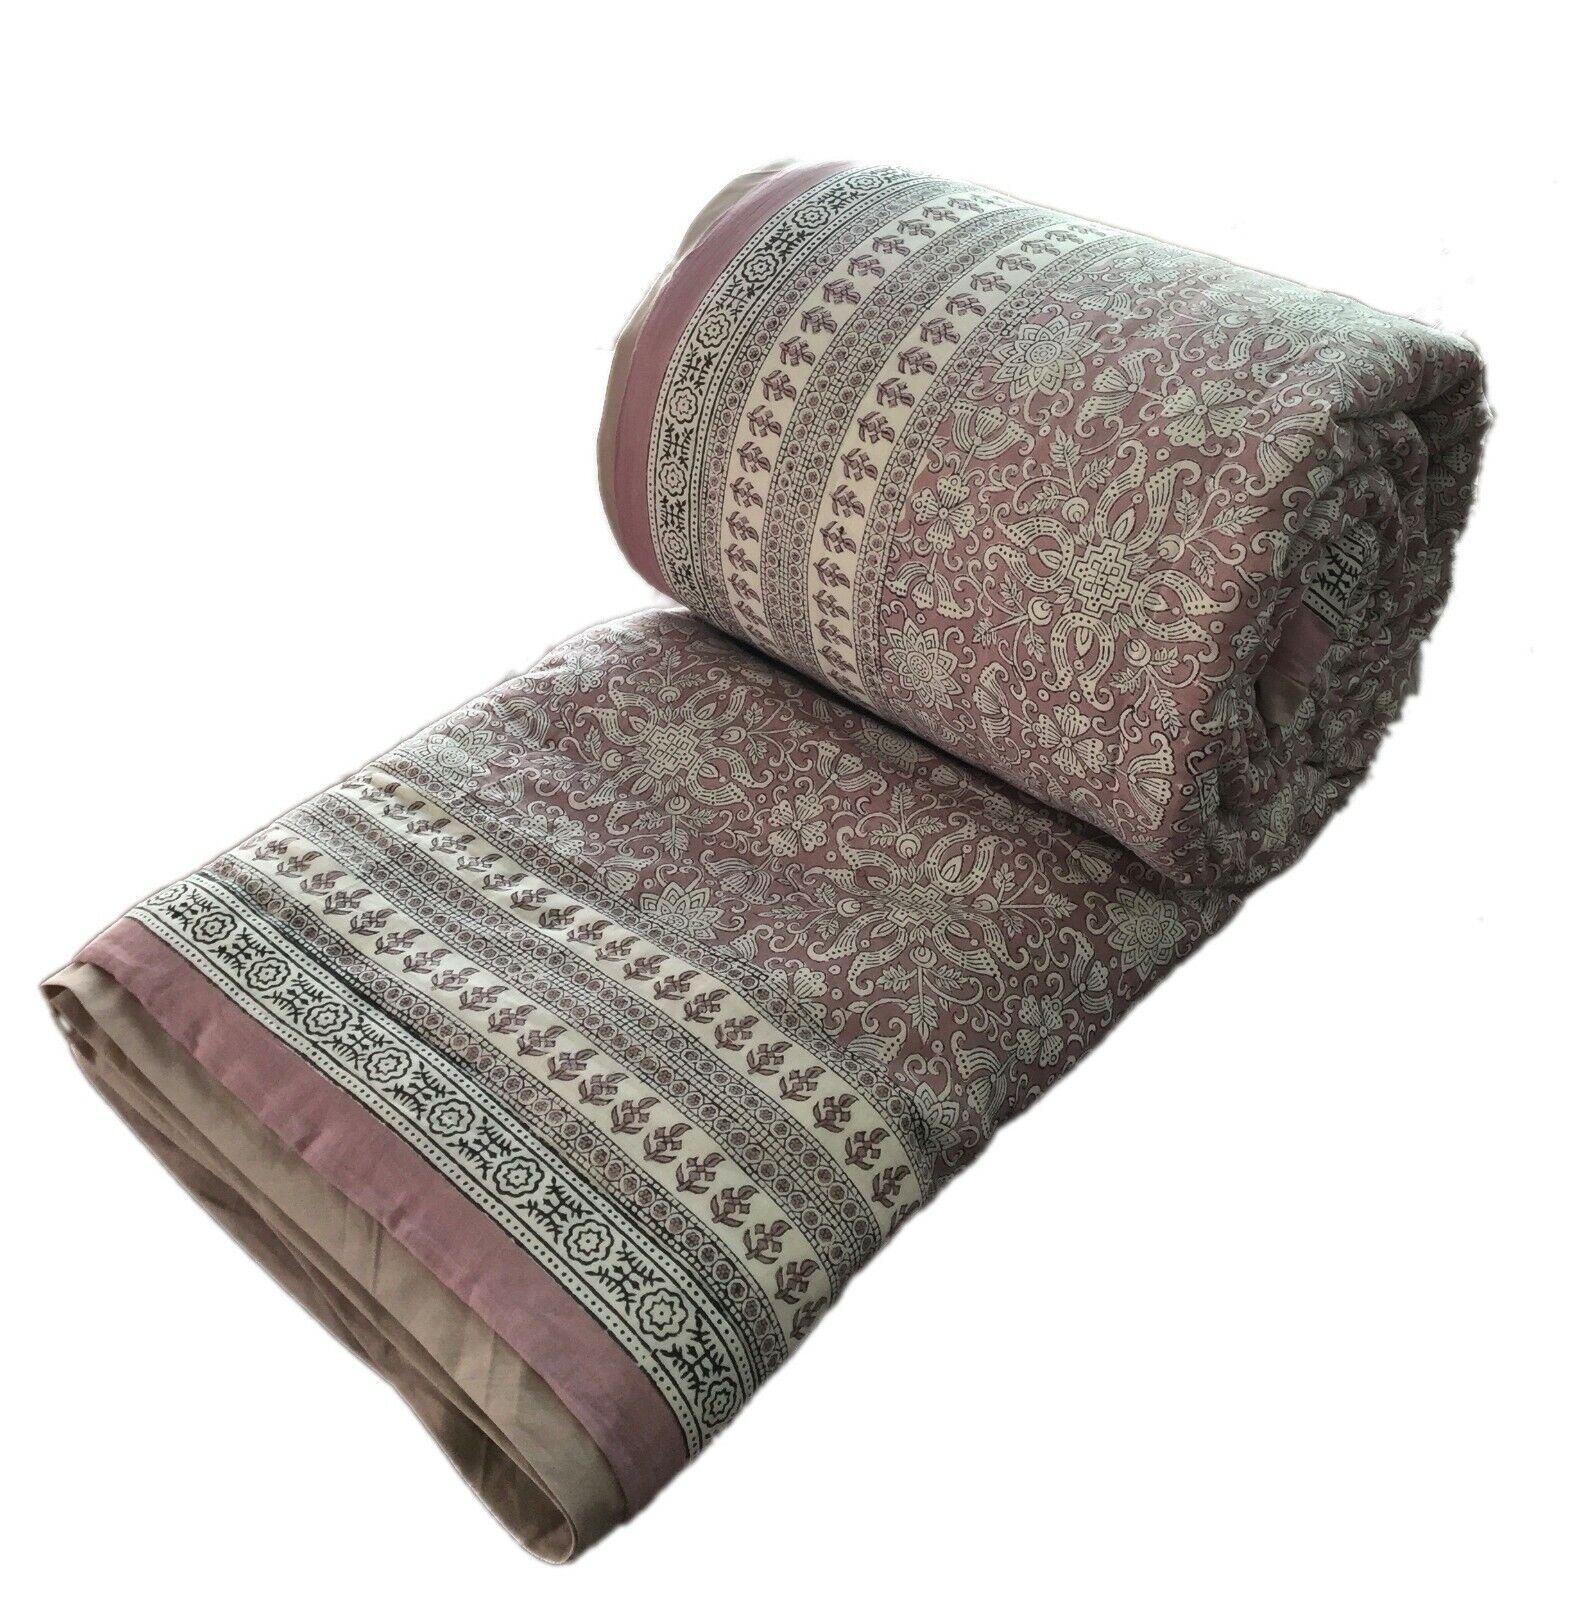 Anokhi 70 x108  Soft purple Quilt, Reversible, 100% Cotton